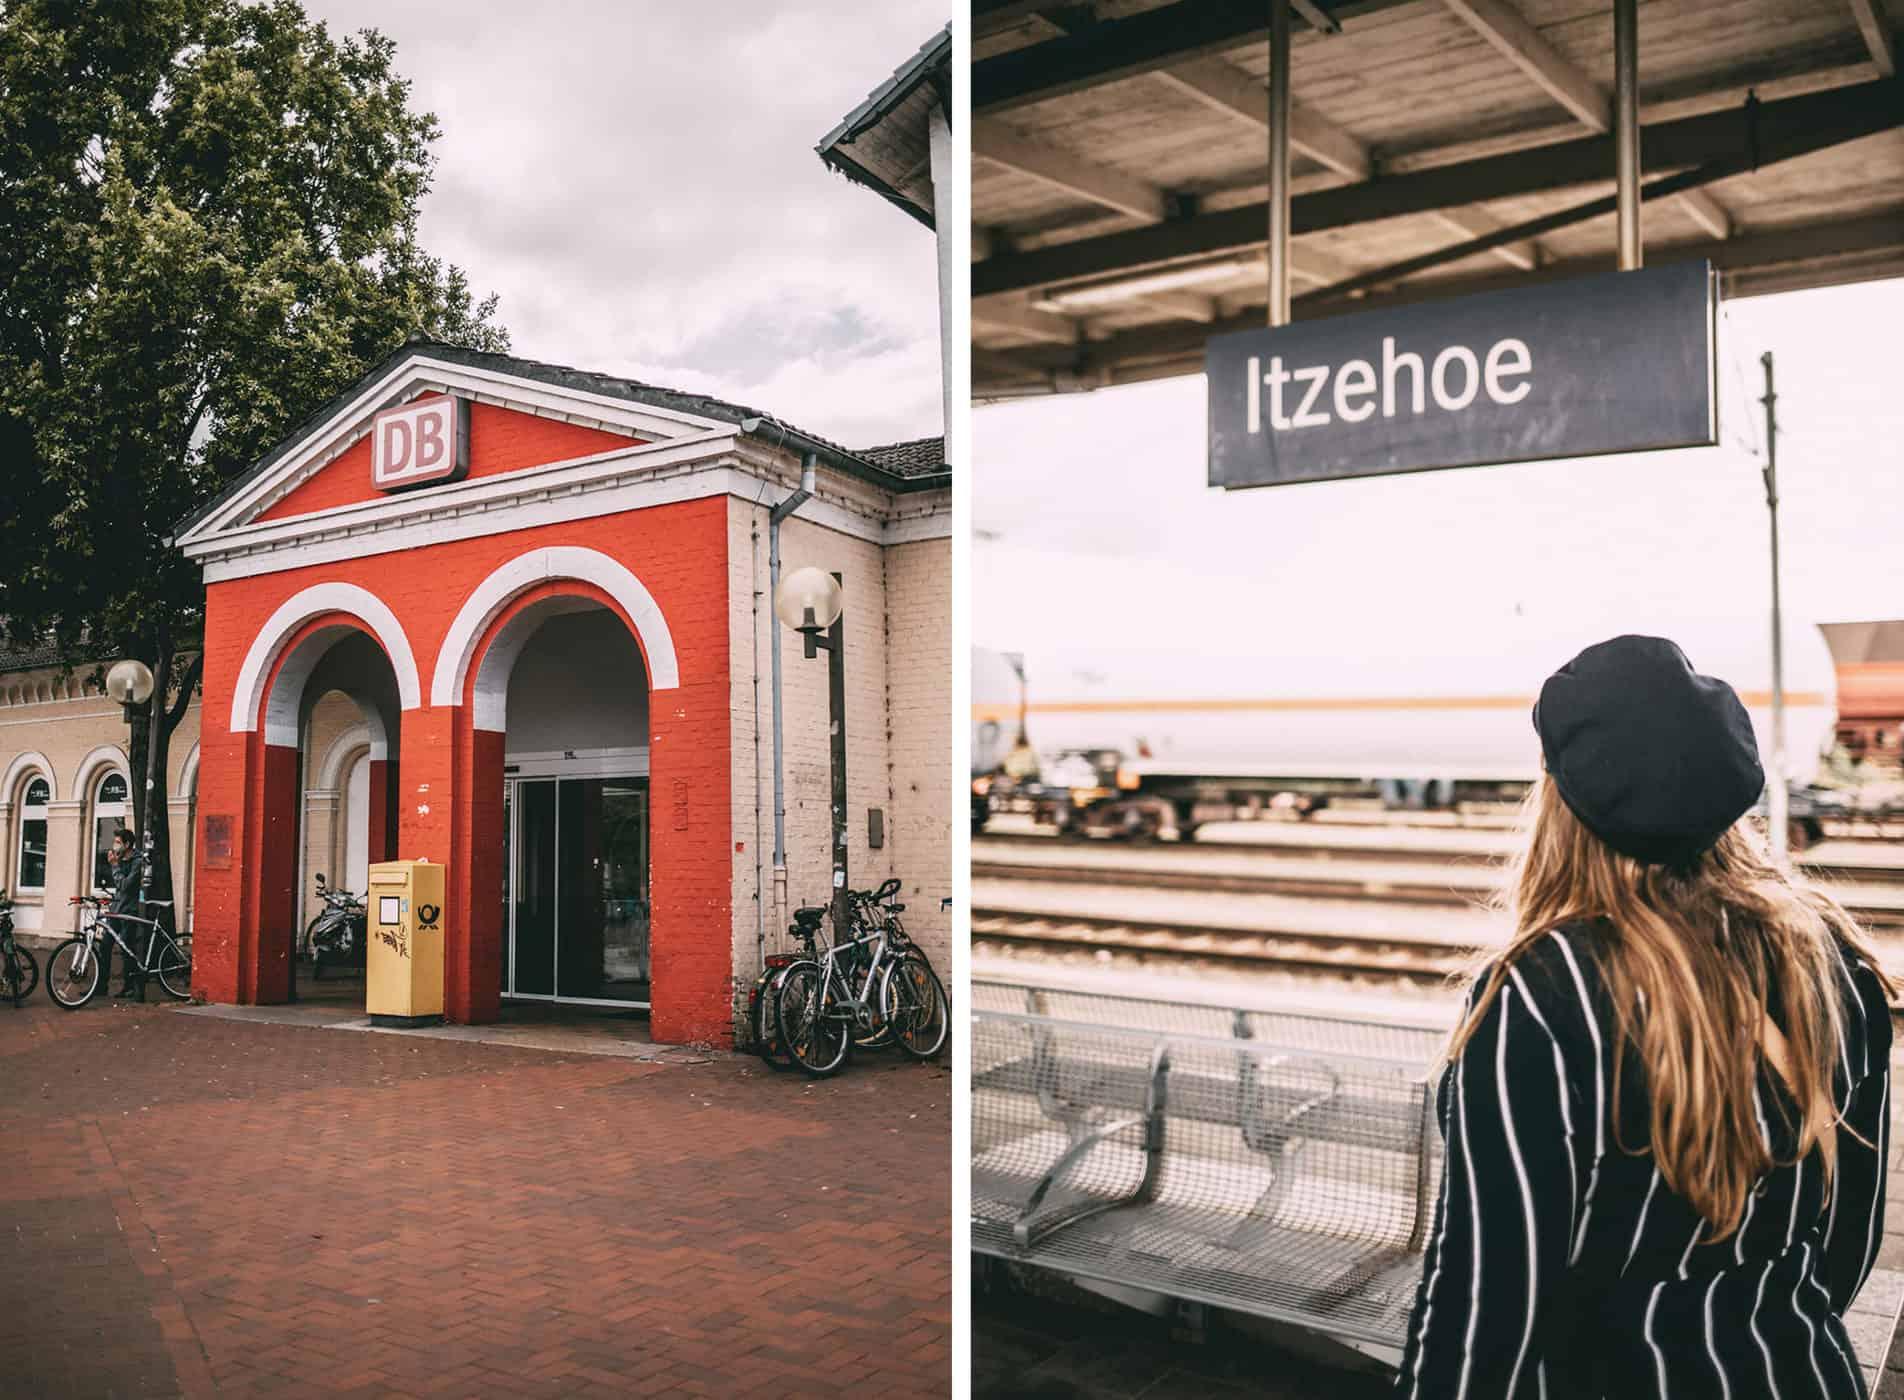 Tipps für Itzehoe: Bahnhof Itzehoe